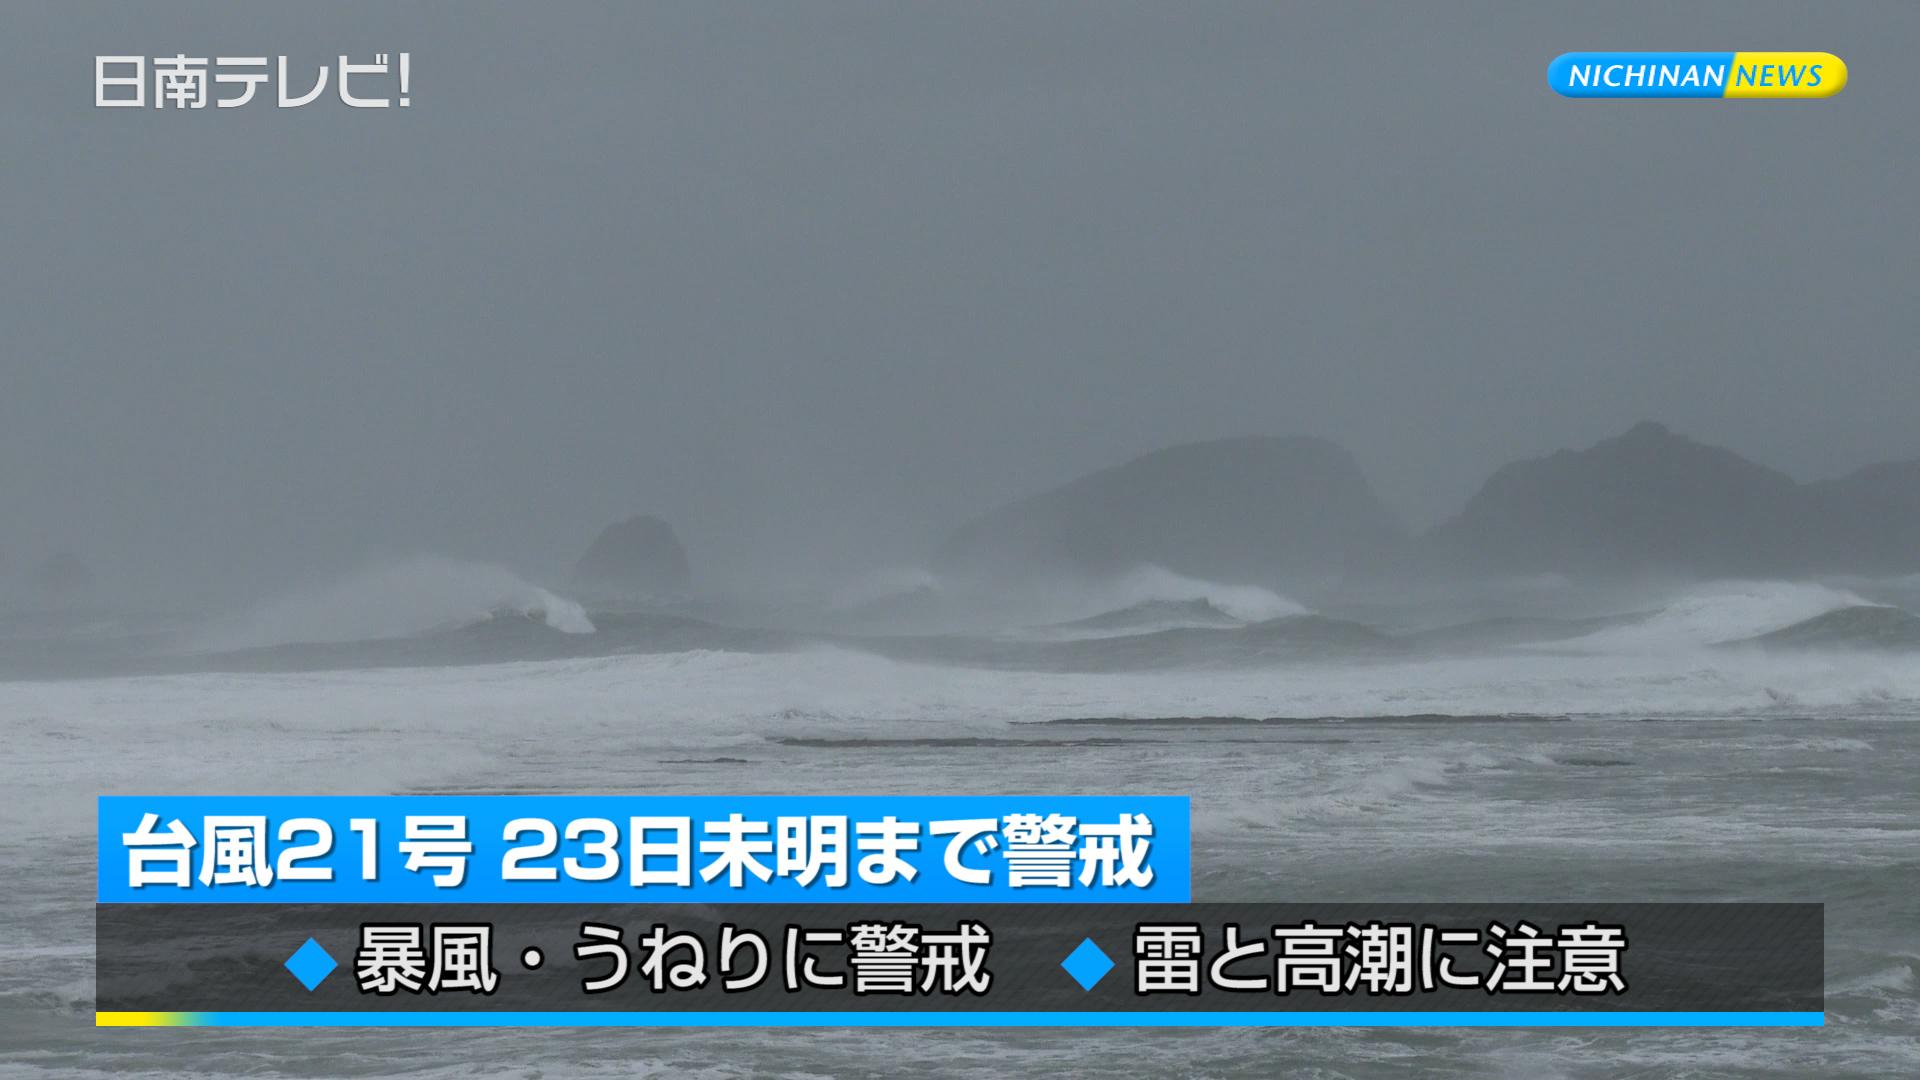 衆院選にも影響 超大型台風21号接近